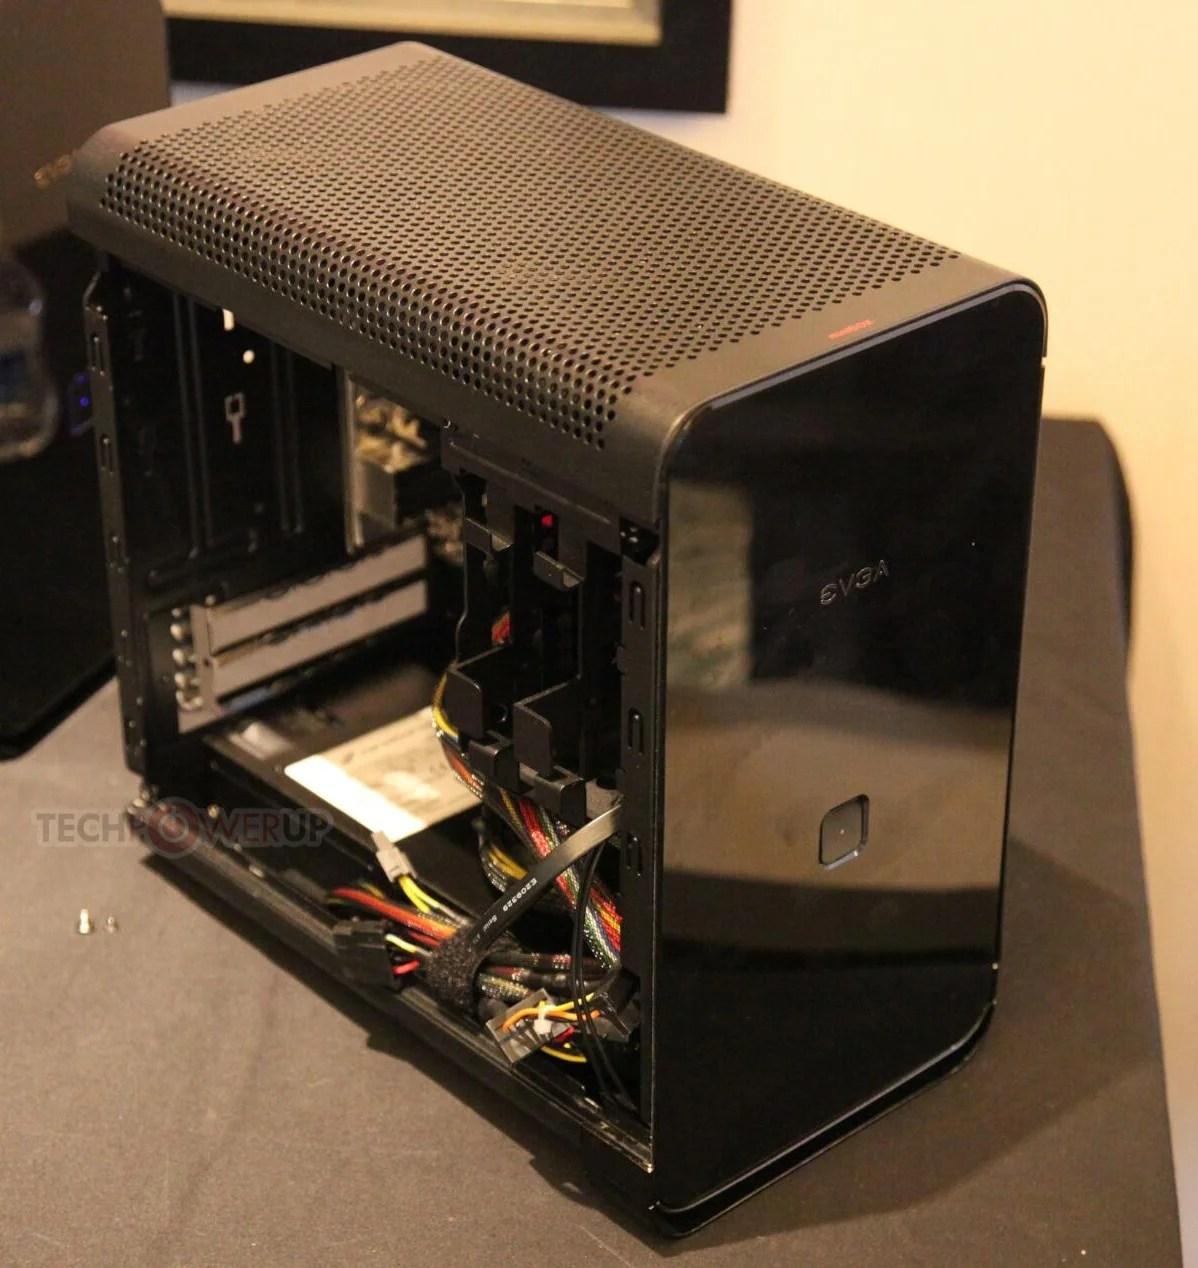 EVGA lavora su Desktop Gaming preassemblato basato su Stinger Z87